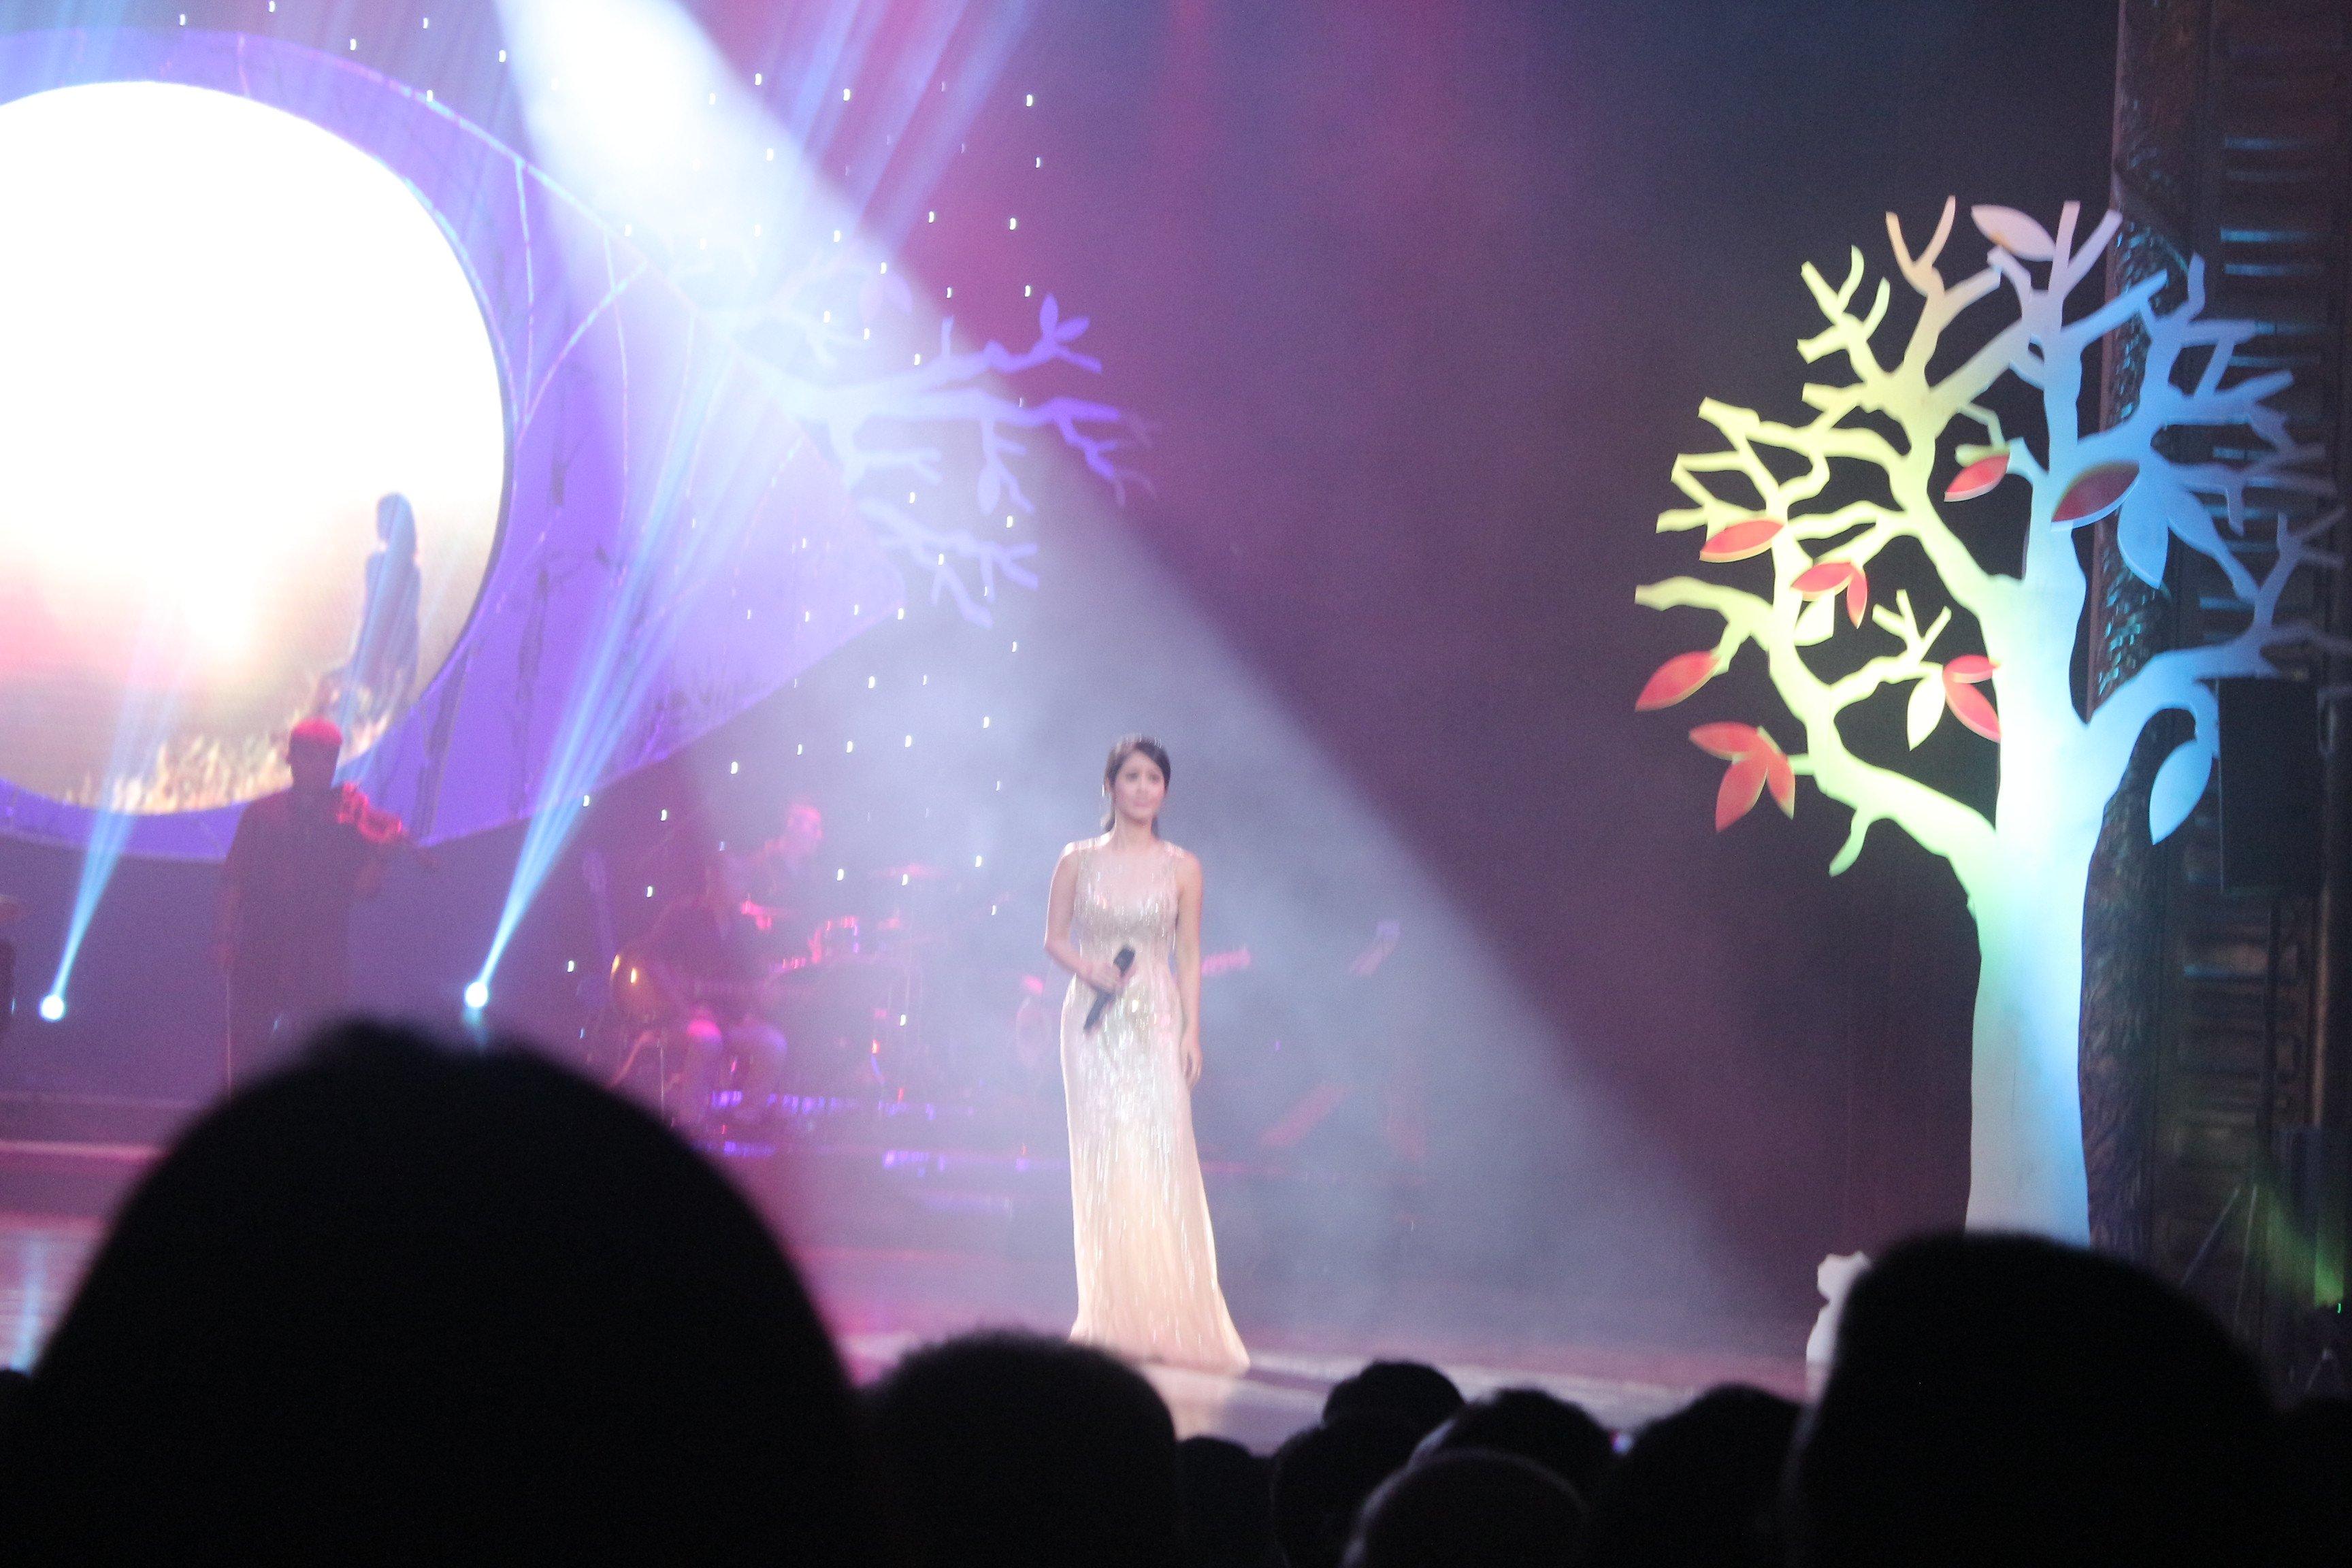 Mỹ Tâm gợi cảm với váy xẻ, Hồng Nhung trẻ như thiếu nữ trong đêm nhạc Trịnh 5